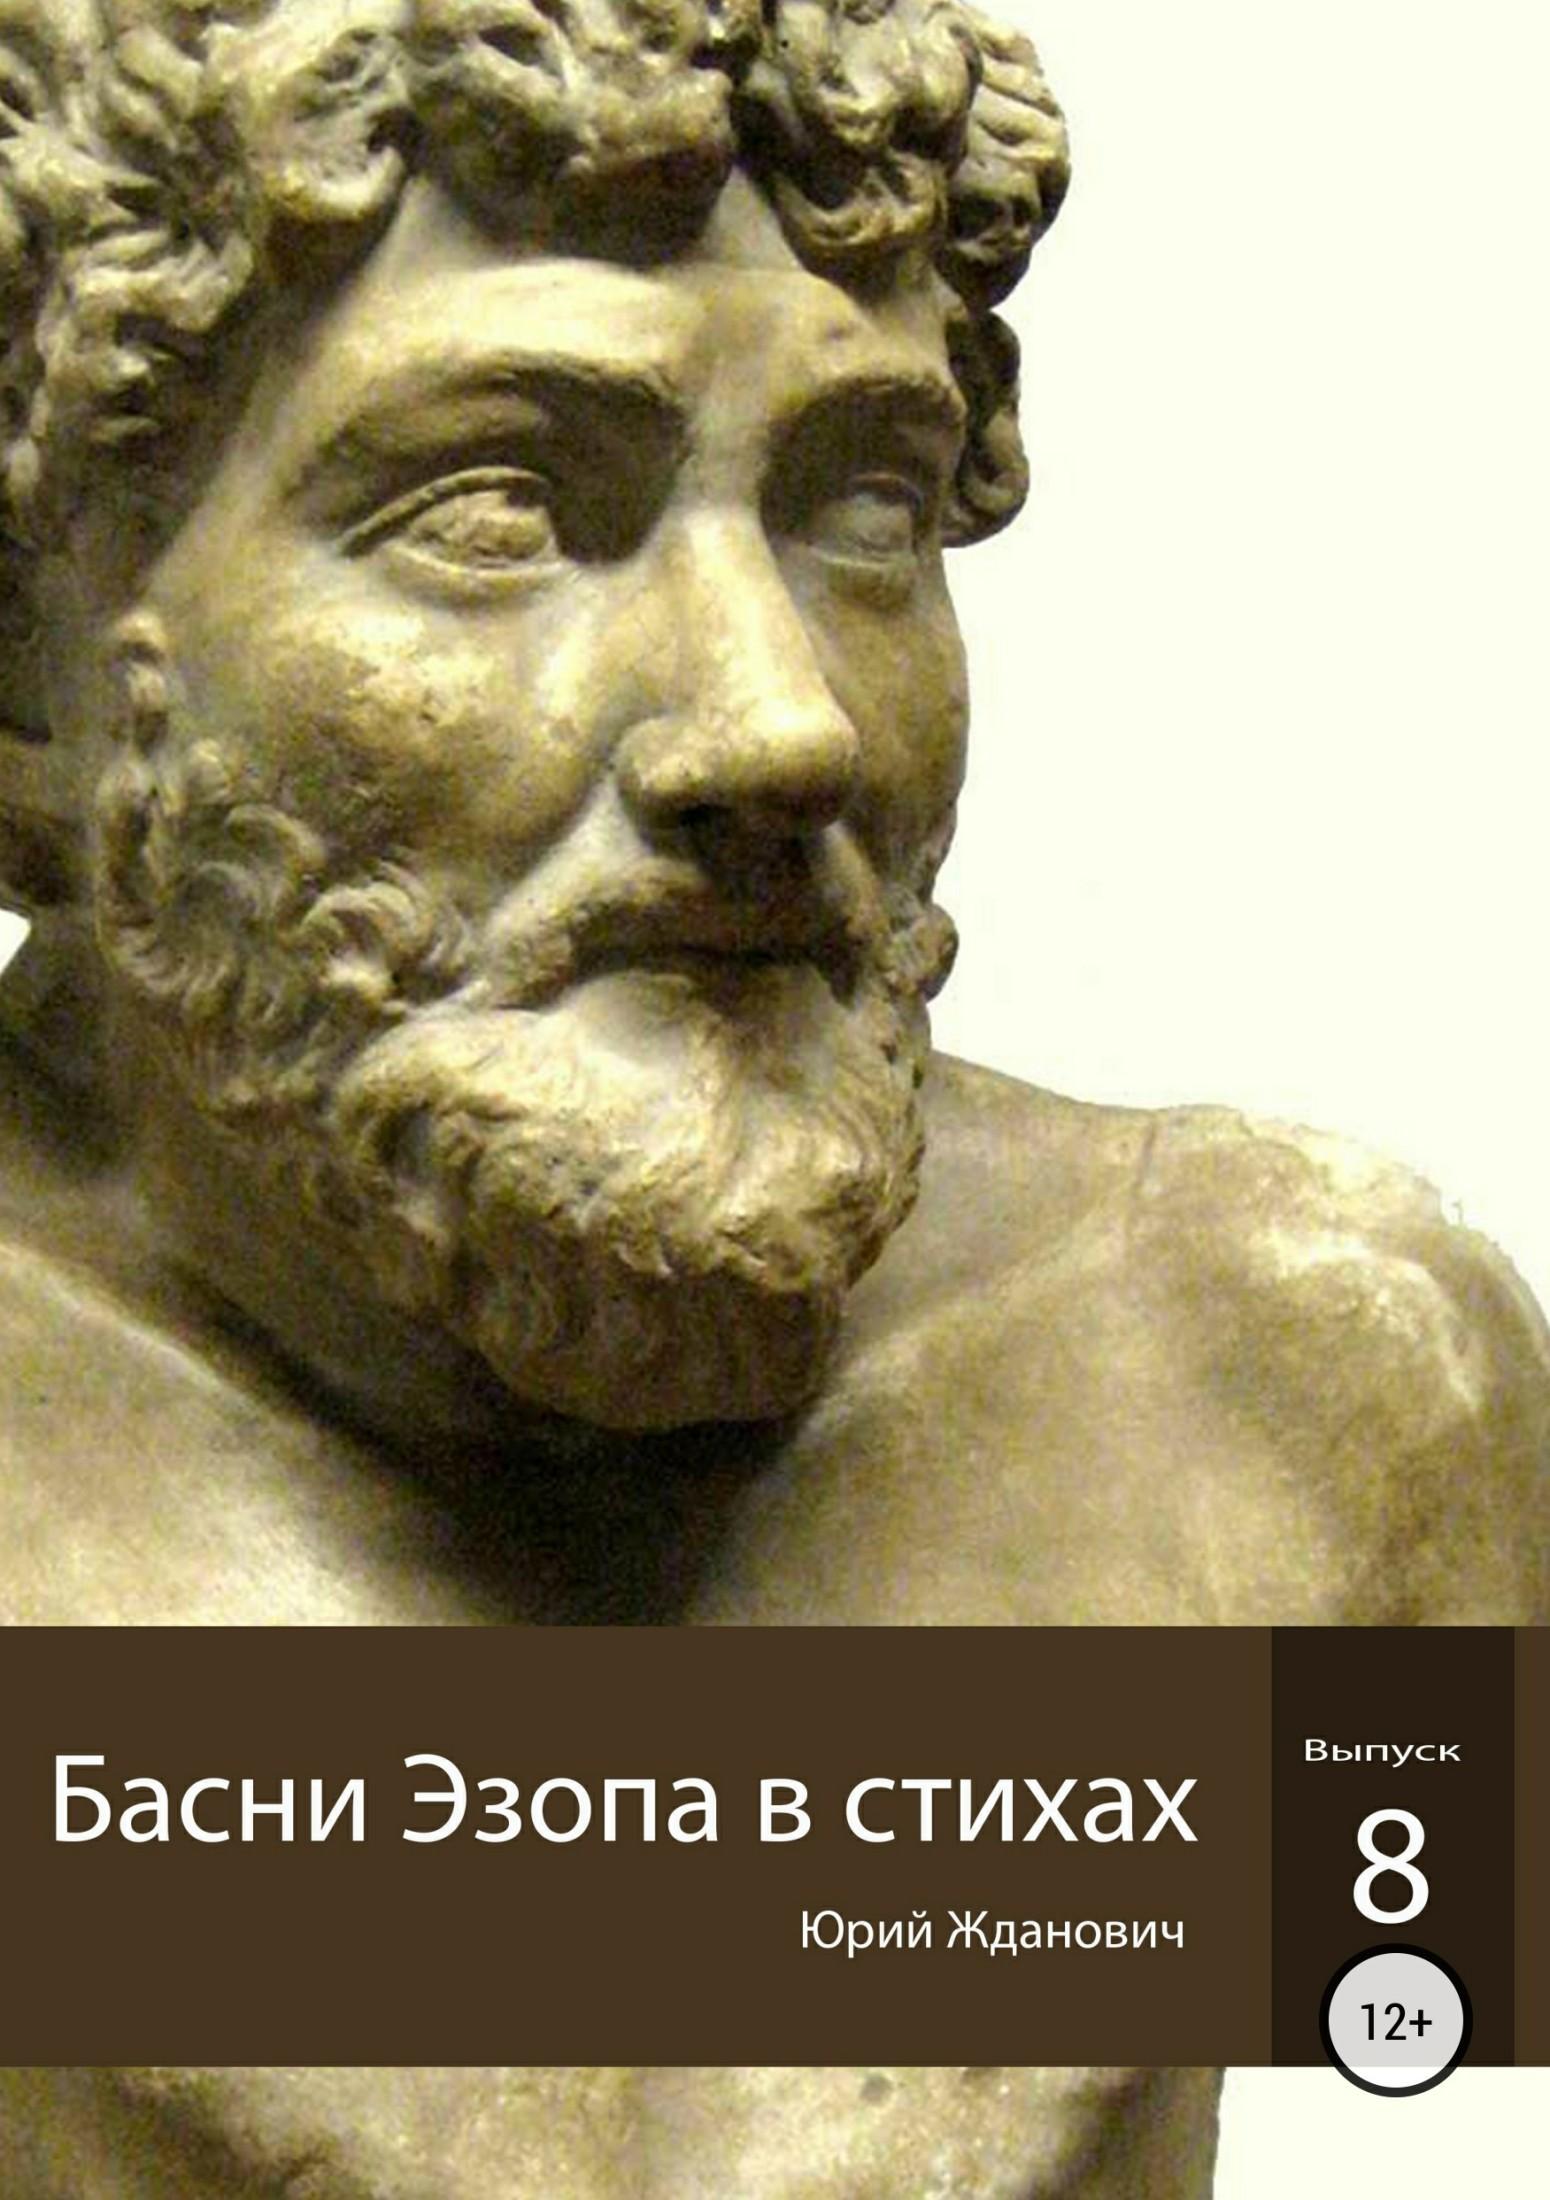 Юрий Михайлович Жданович Басни Эзопа в стихах. Выпуск 8